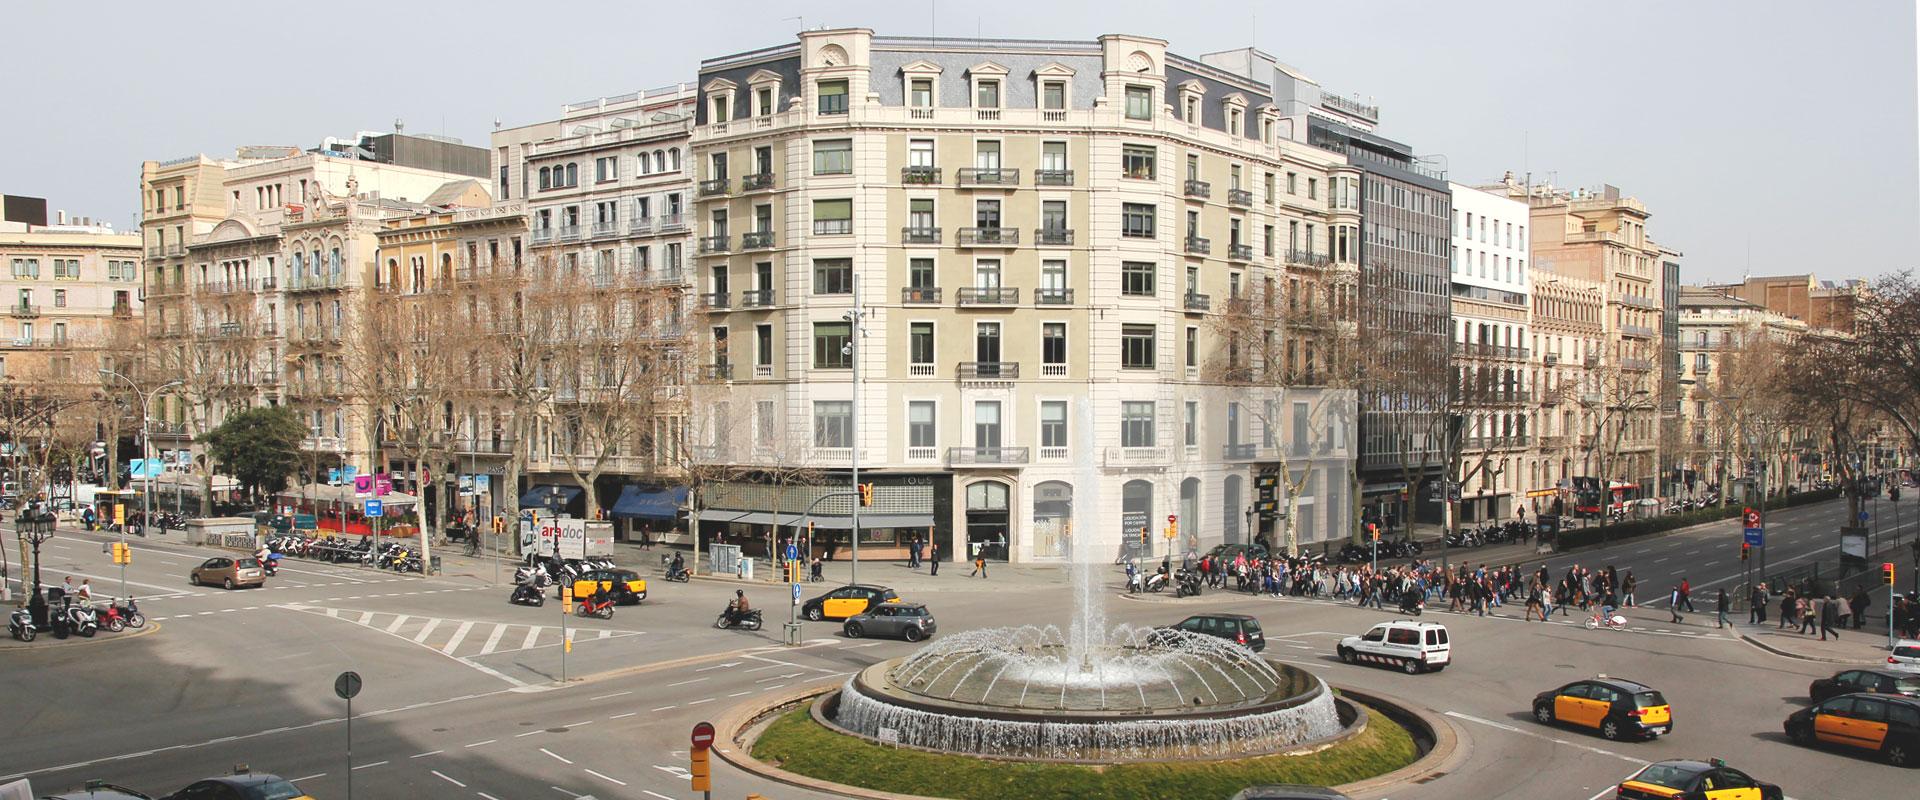 Passeig de Gràcia/ Crédito foto: http://paseodegracia18.com/